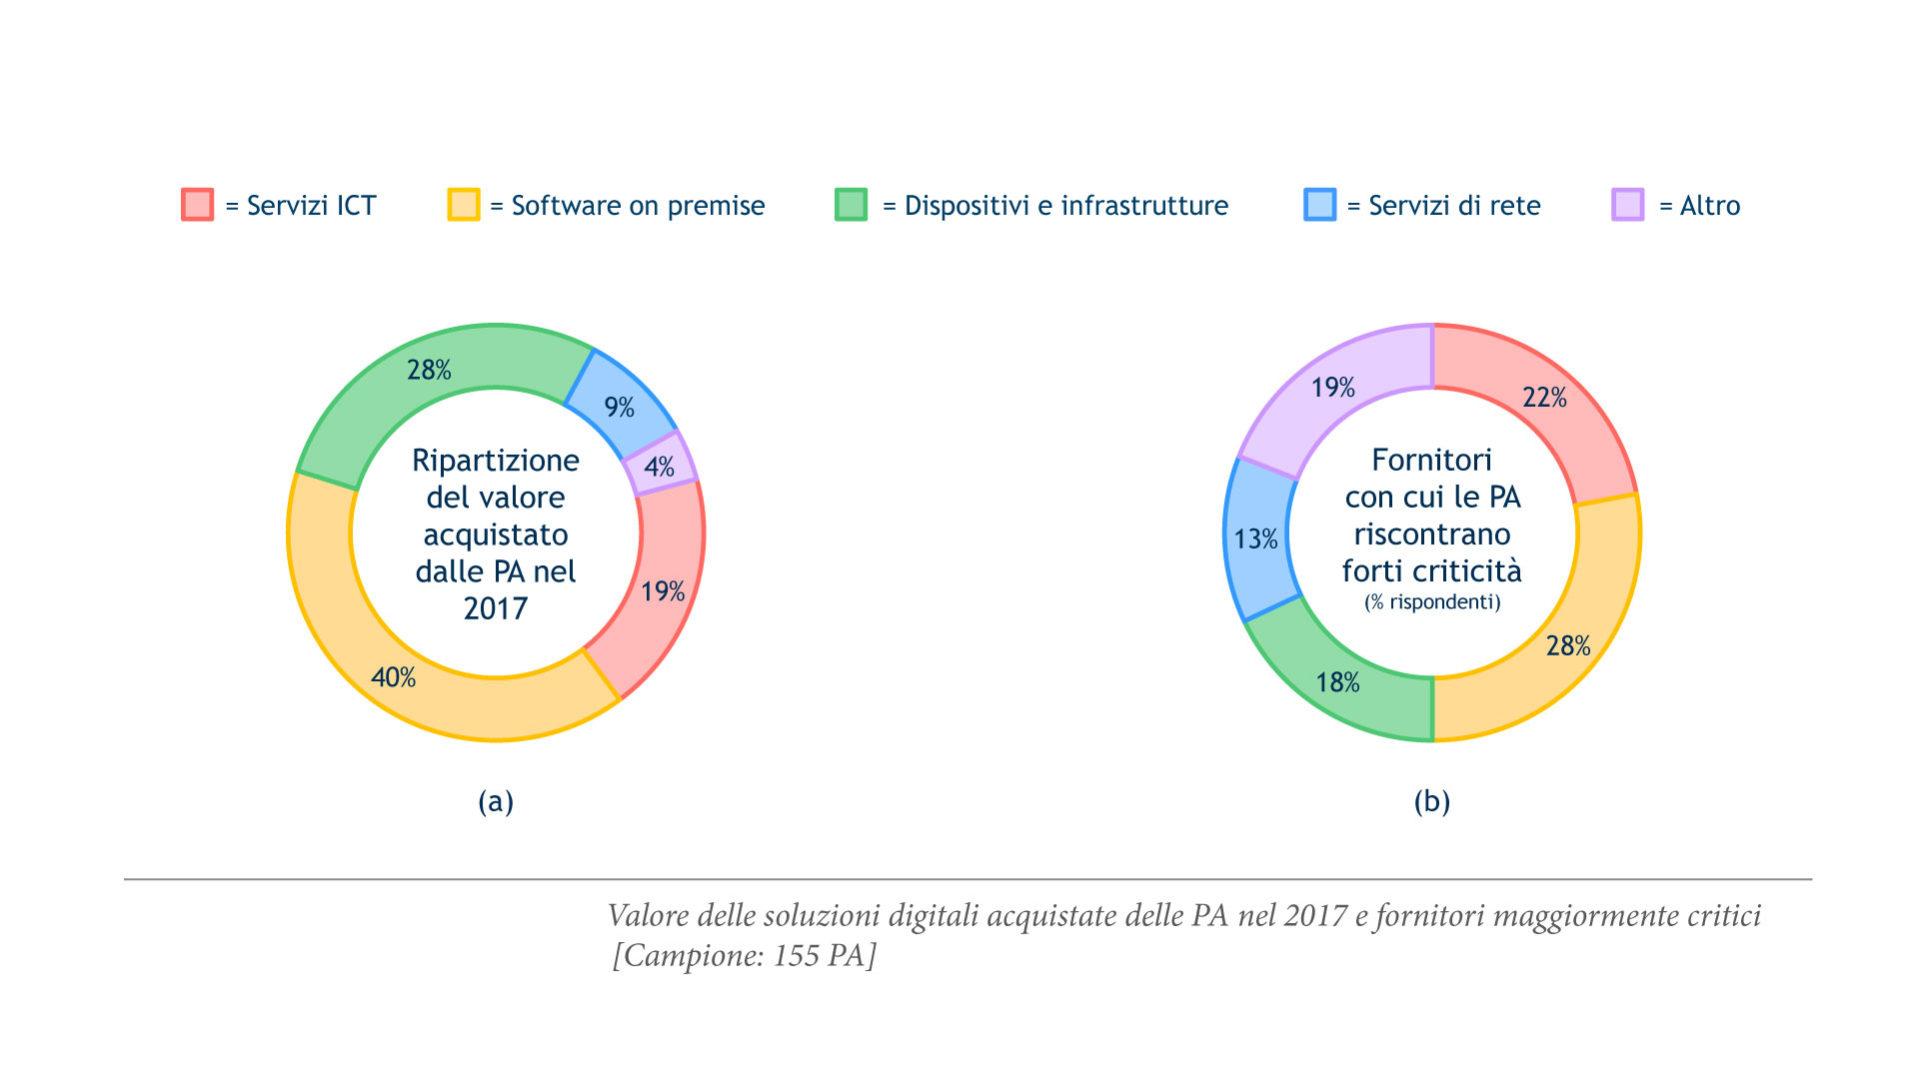 grafico che mostra la Distribuzione delle soluzioni acquistate dalla Pa nel 2017 e delle criticità dei fornitori